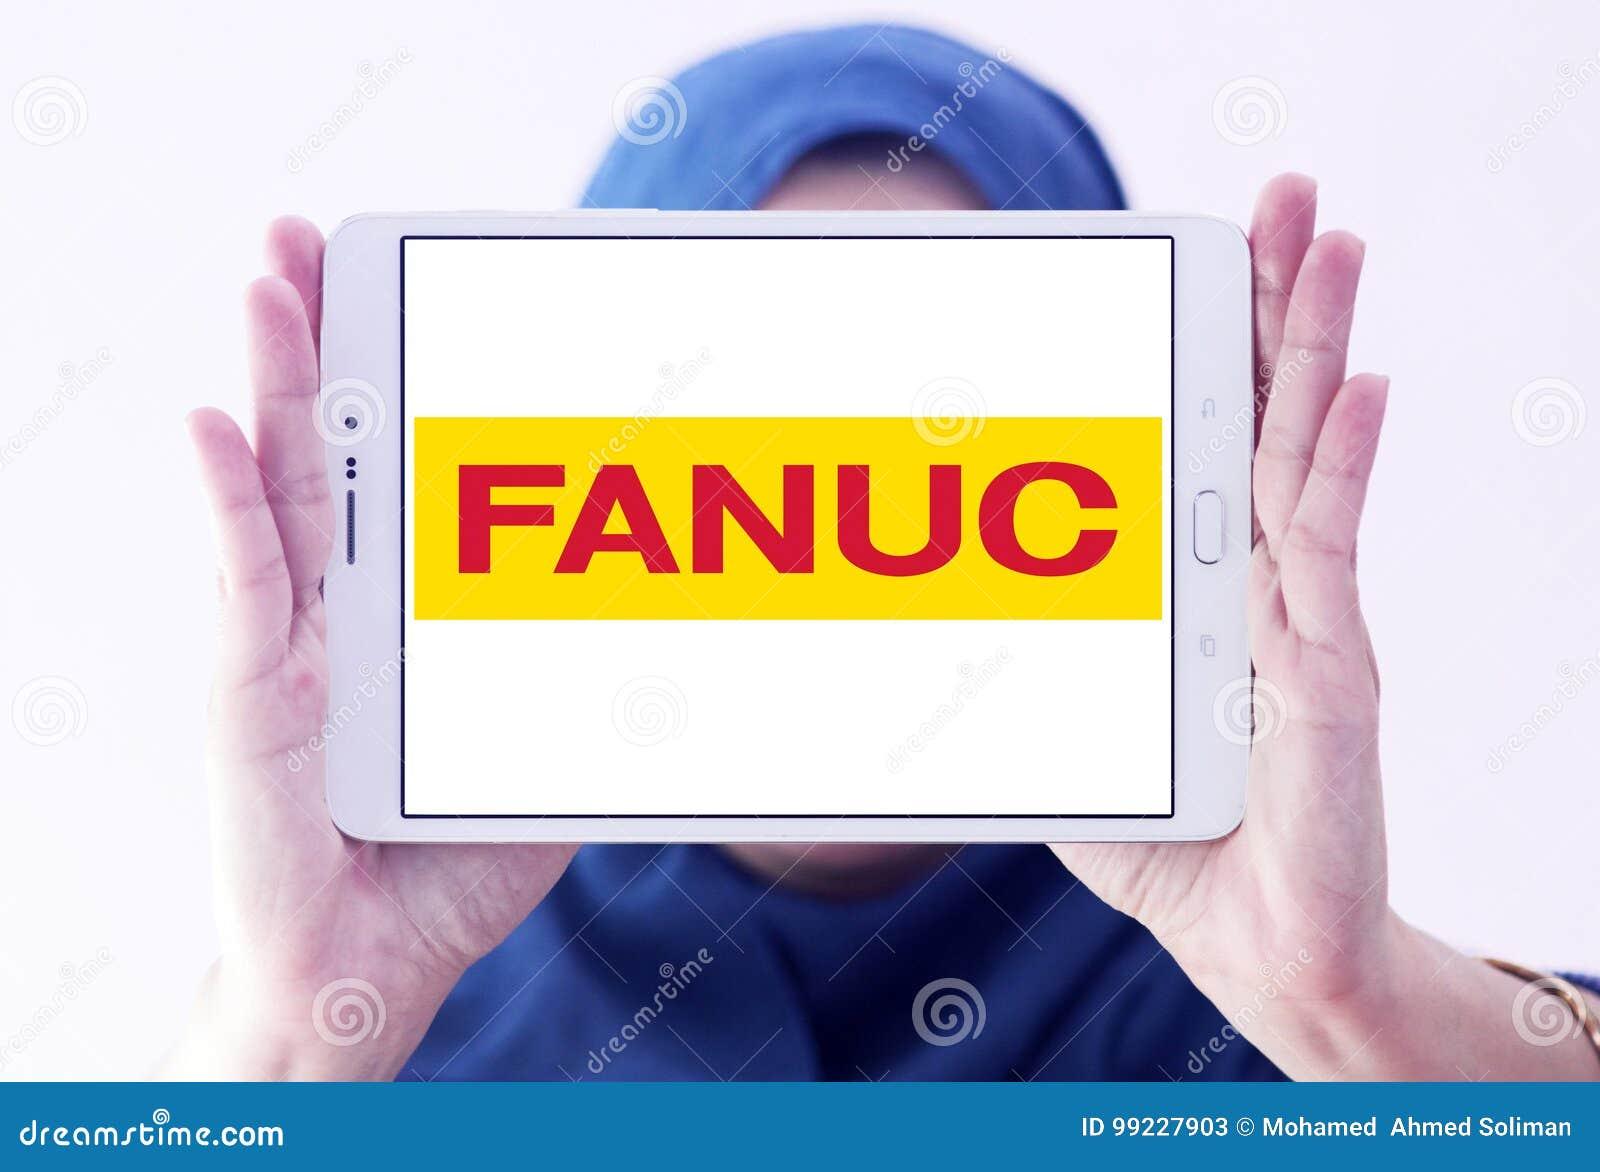 FANUC company logo